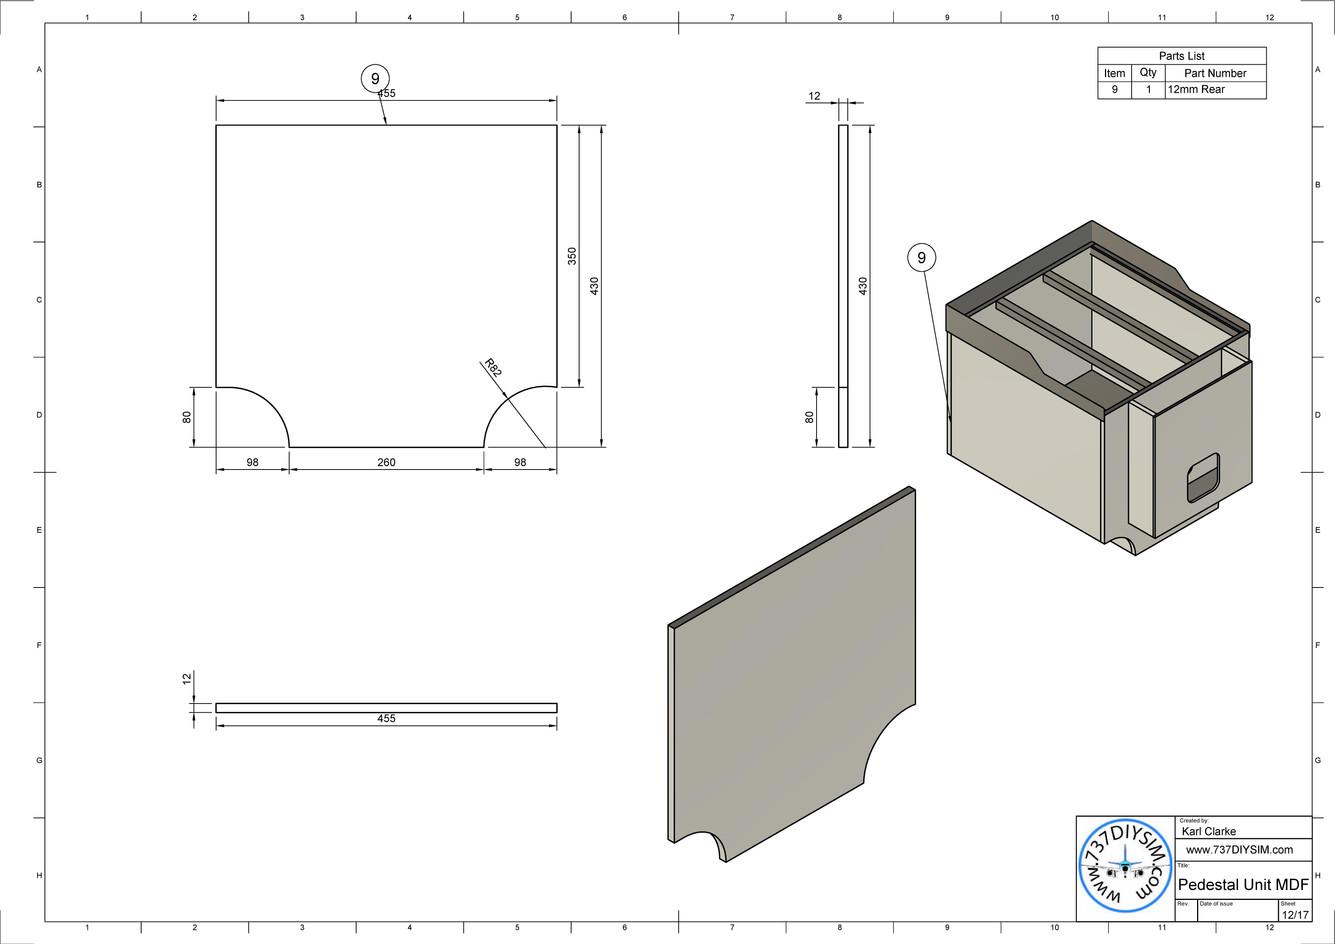 Pedestal Unit MDF Drawing v2-page-012.jp